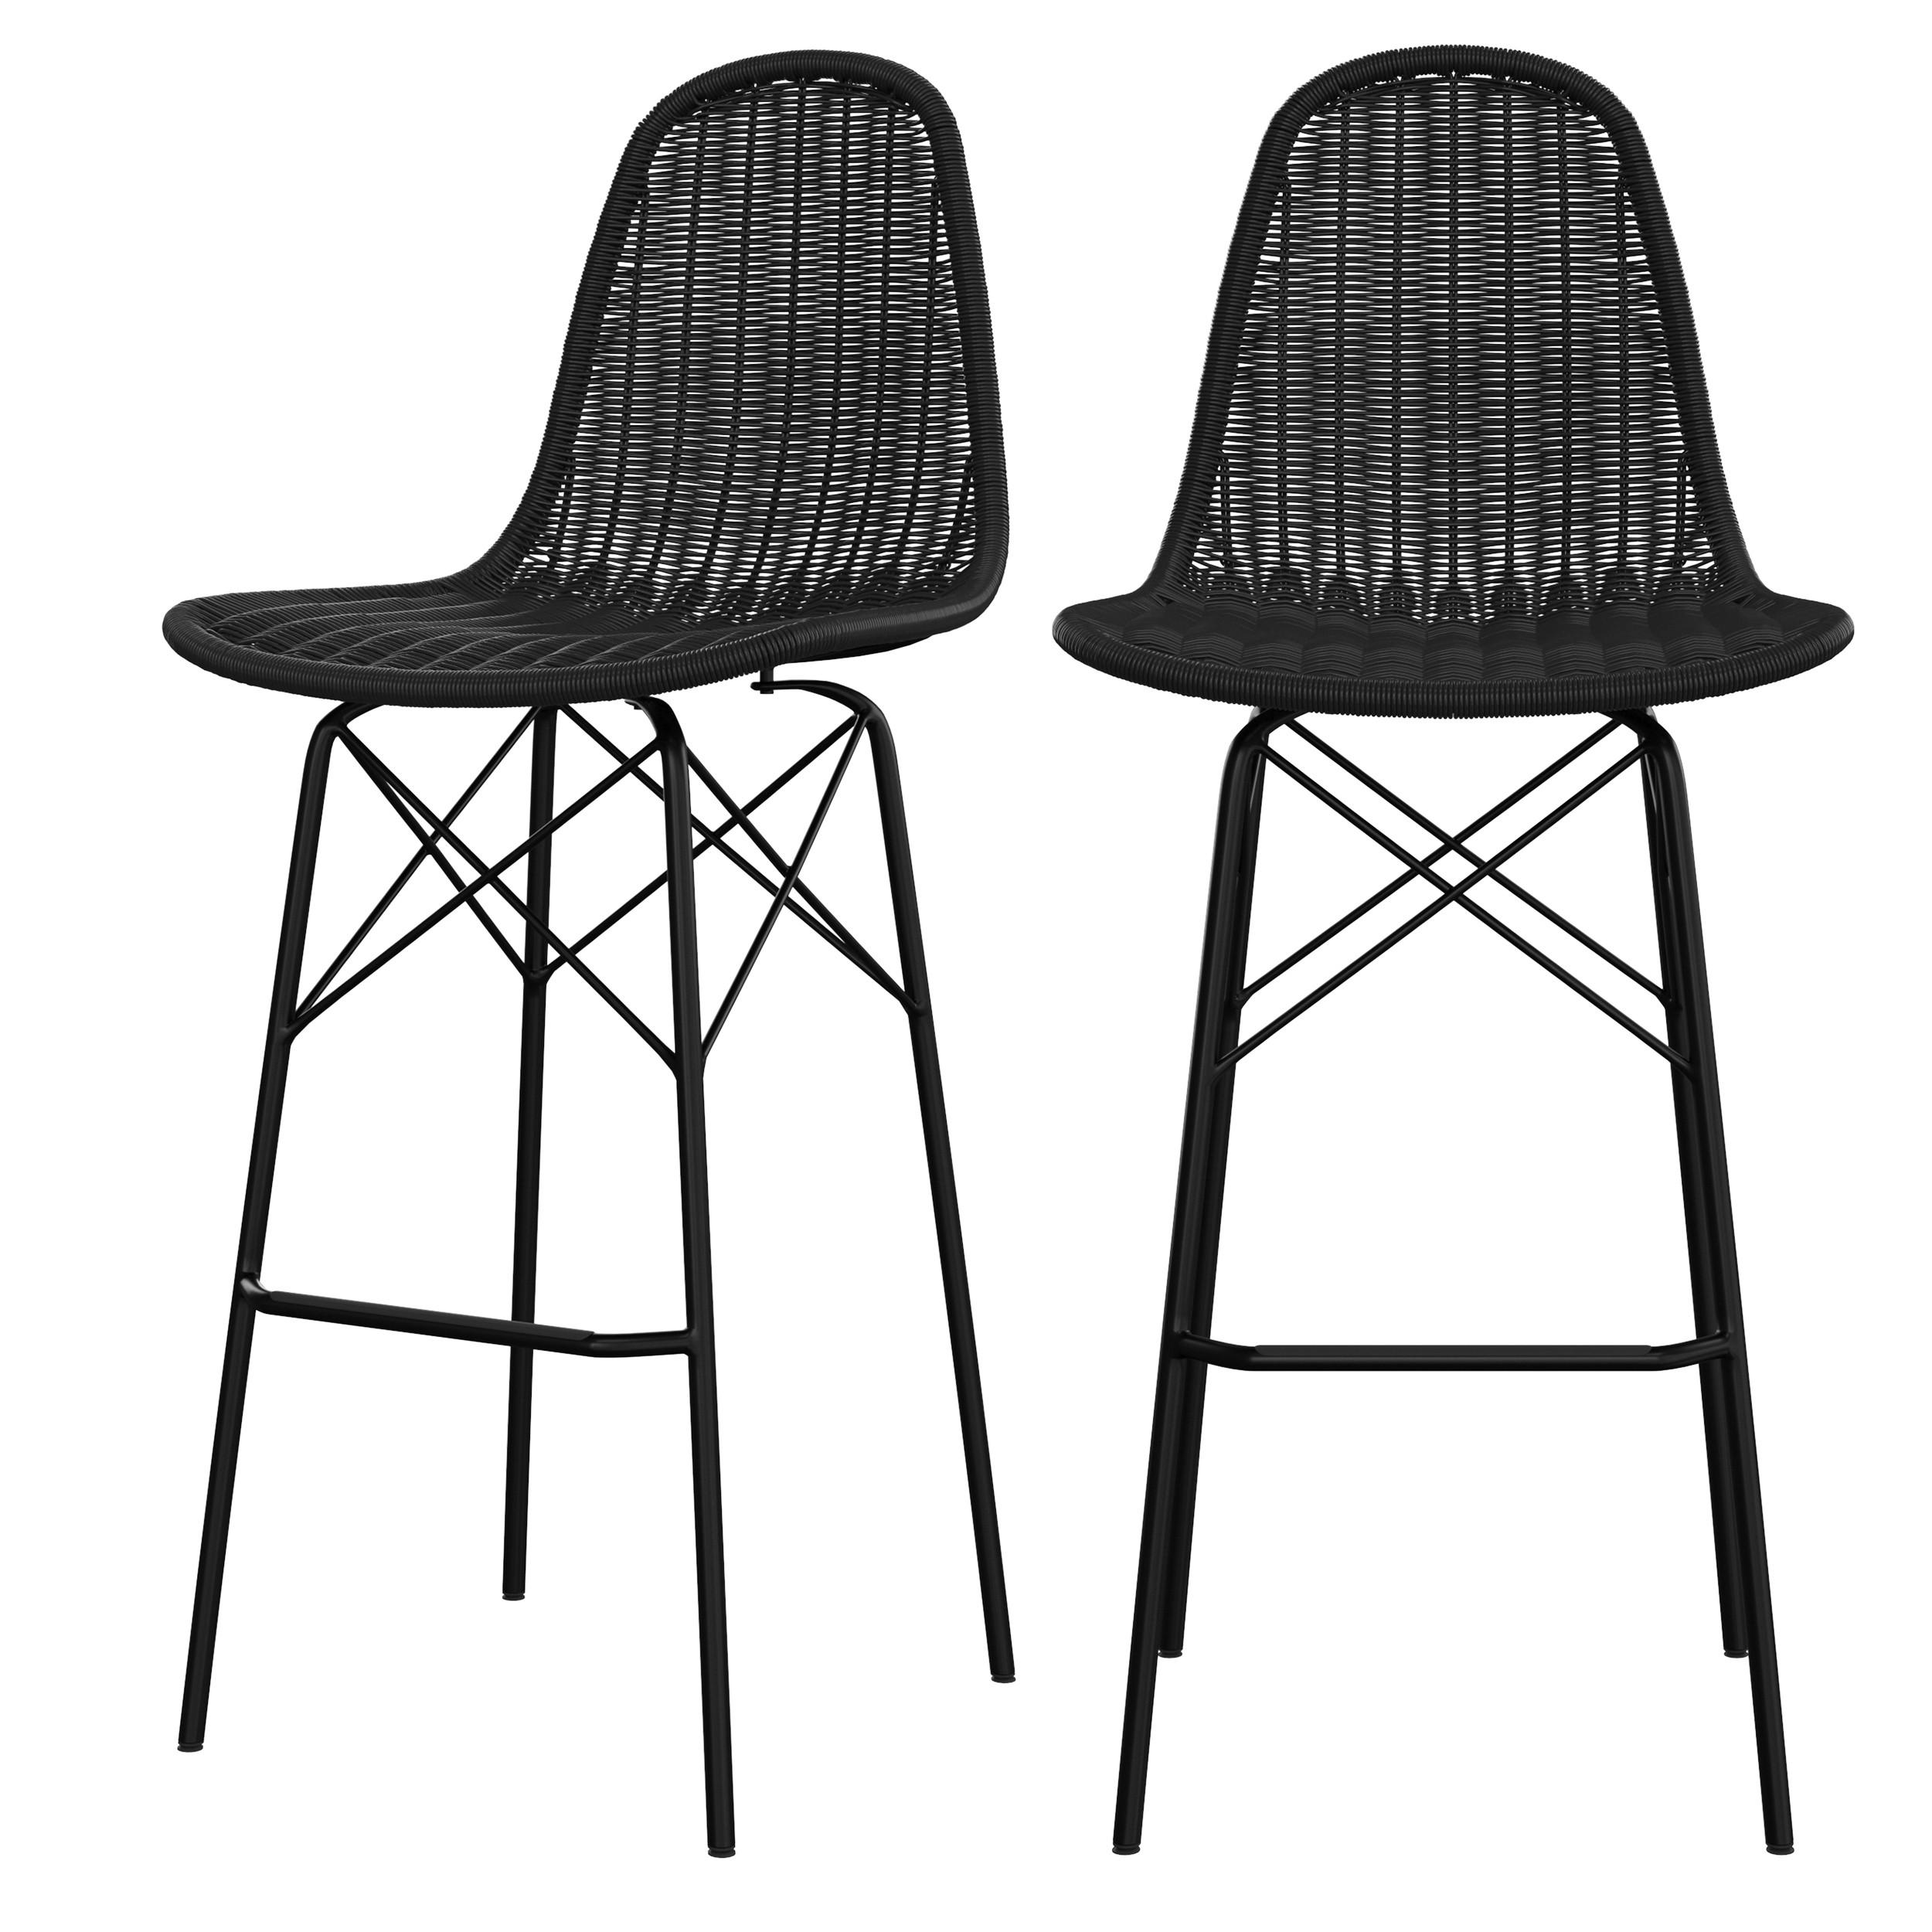 acheter chaise de bar lot de deux interieur exterieur